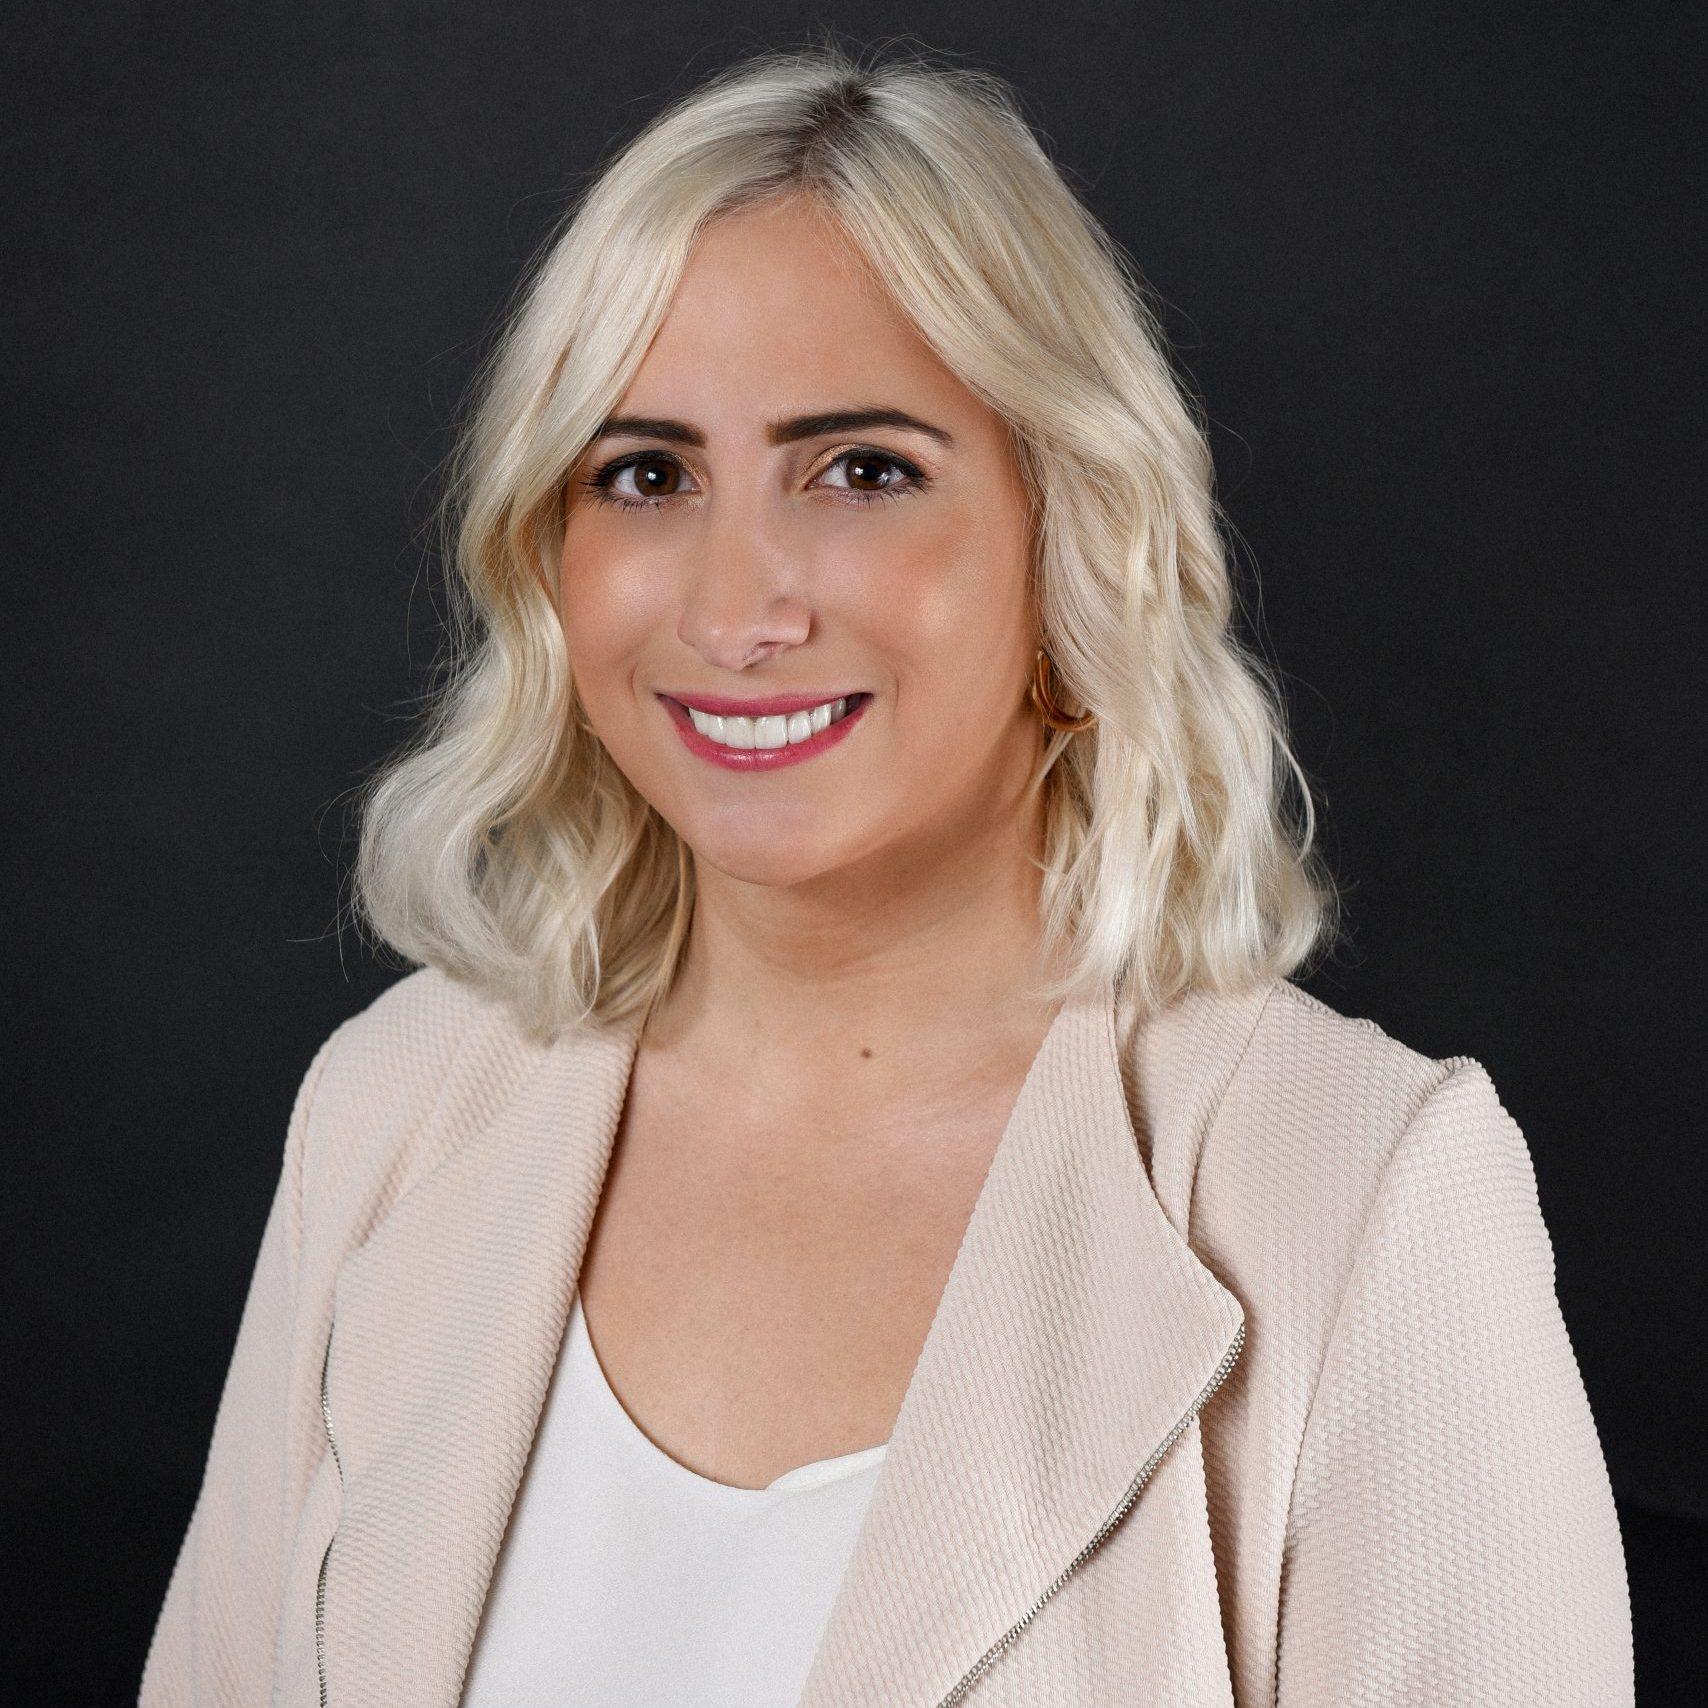 Chelsea Rosen